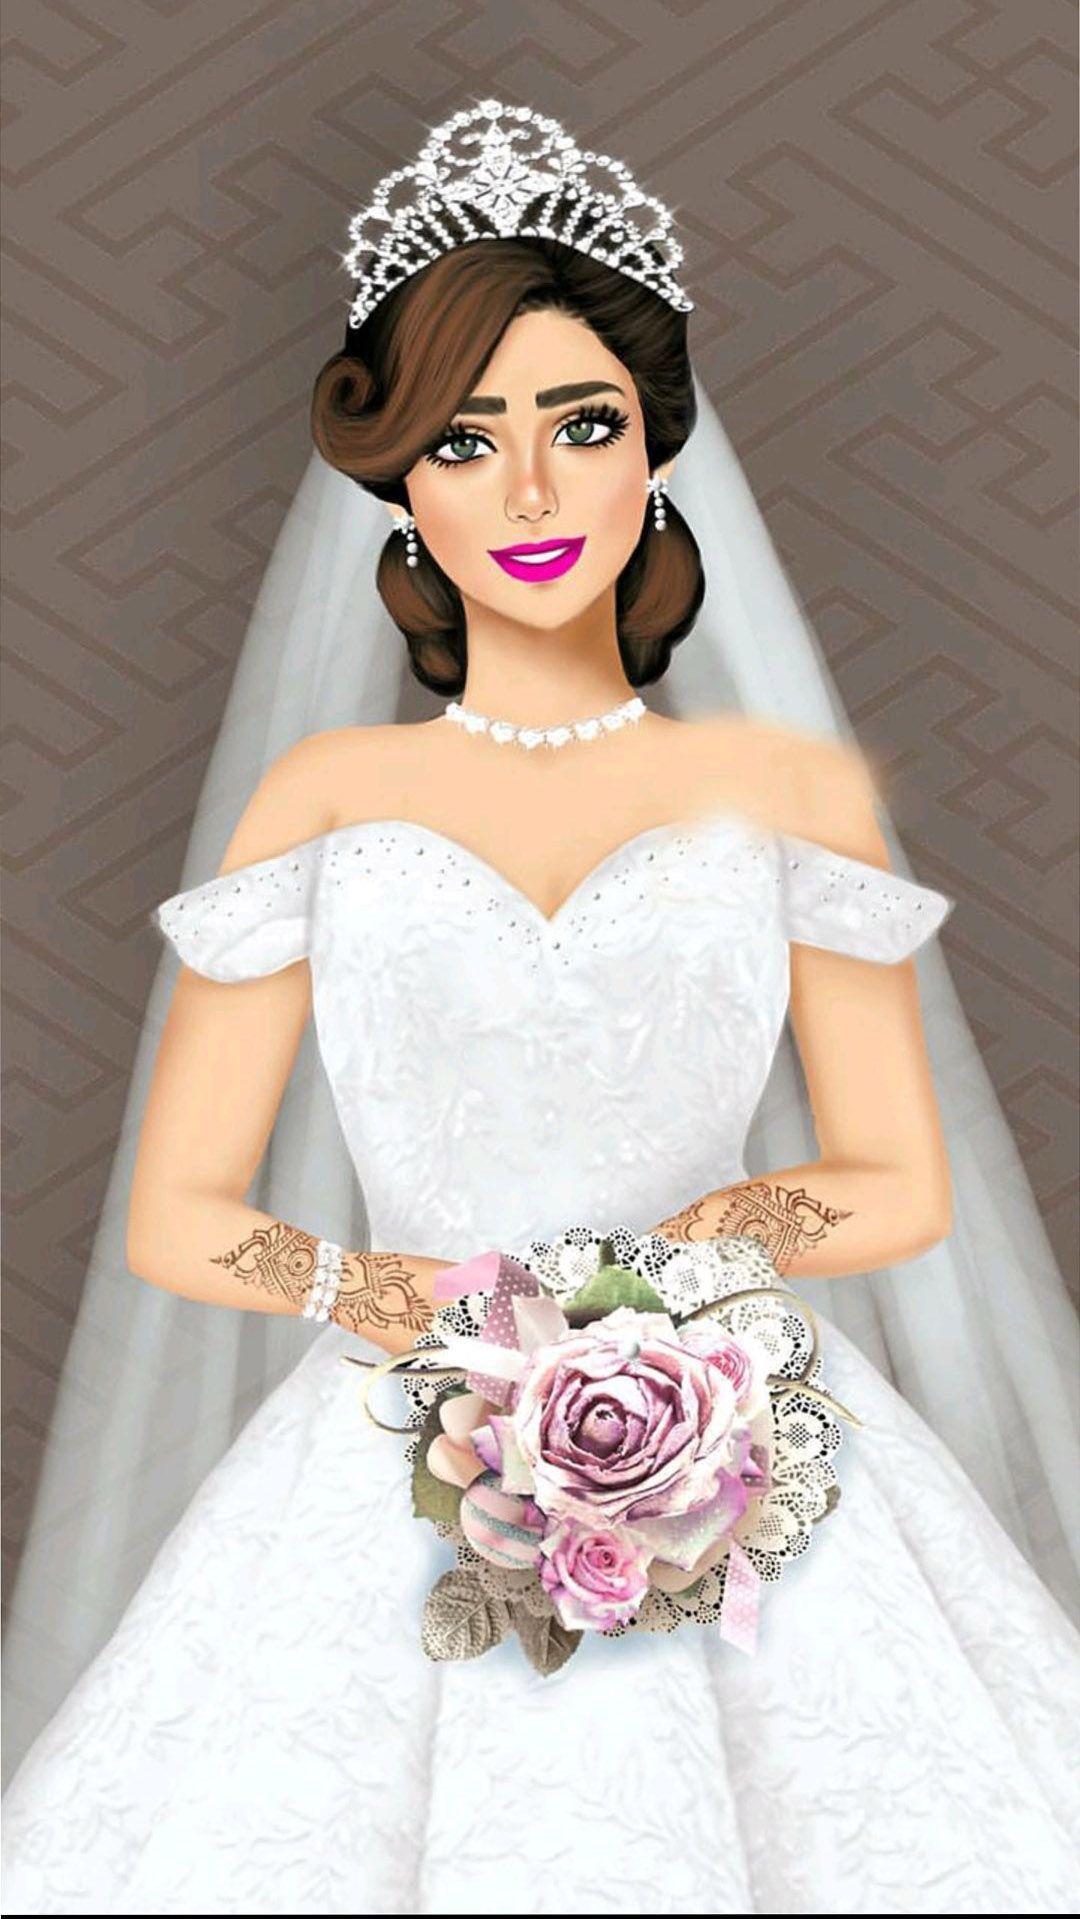 بنات كرتون جيرلي عروسة اجمل صور عرايس عروسةكرتون جيرلي رائعة اشيك صور جيرلي عروسة جميلة جدا In 2021 Wedding Dress Illustrations Wedding Dress Sketches Art Dress